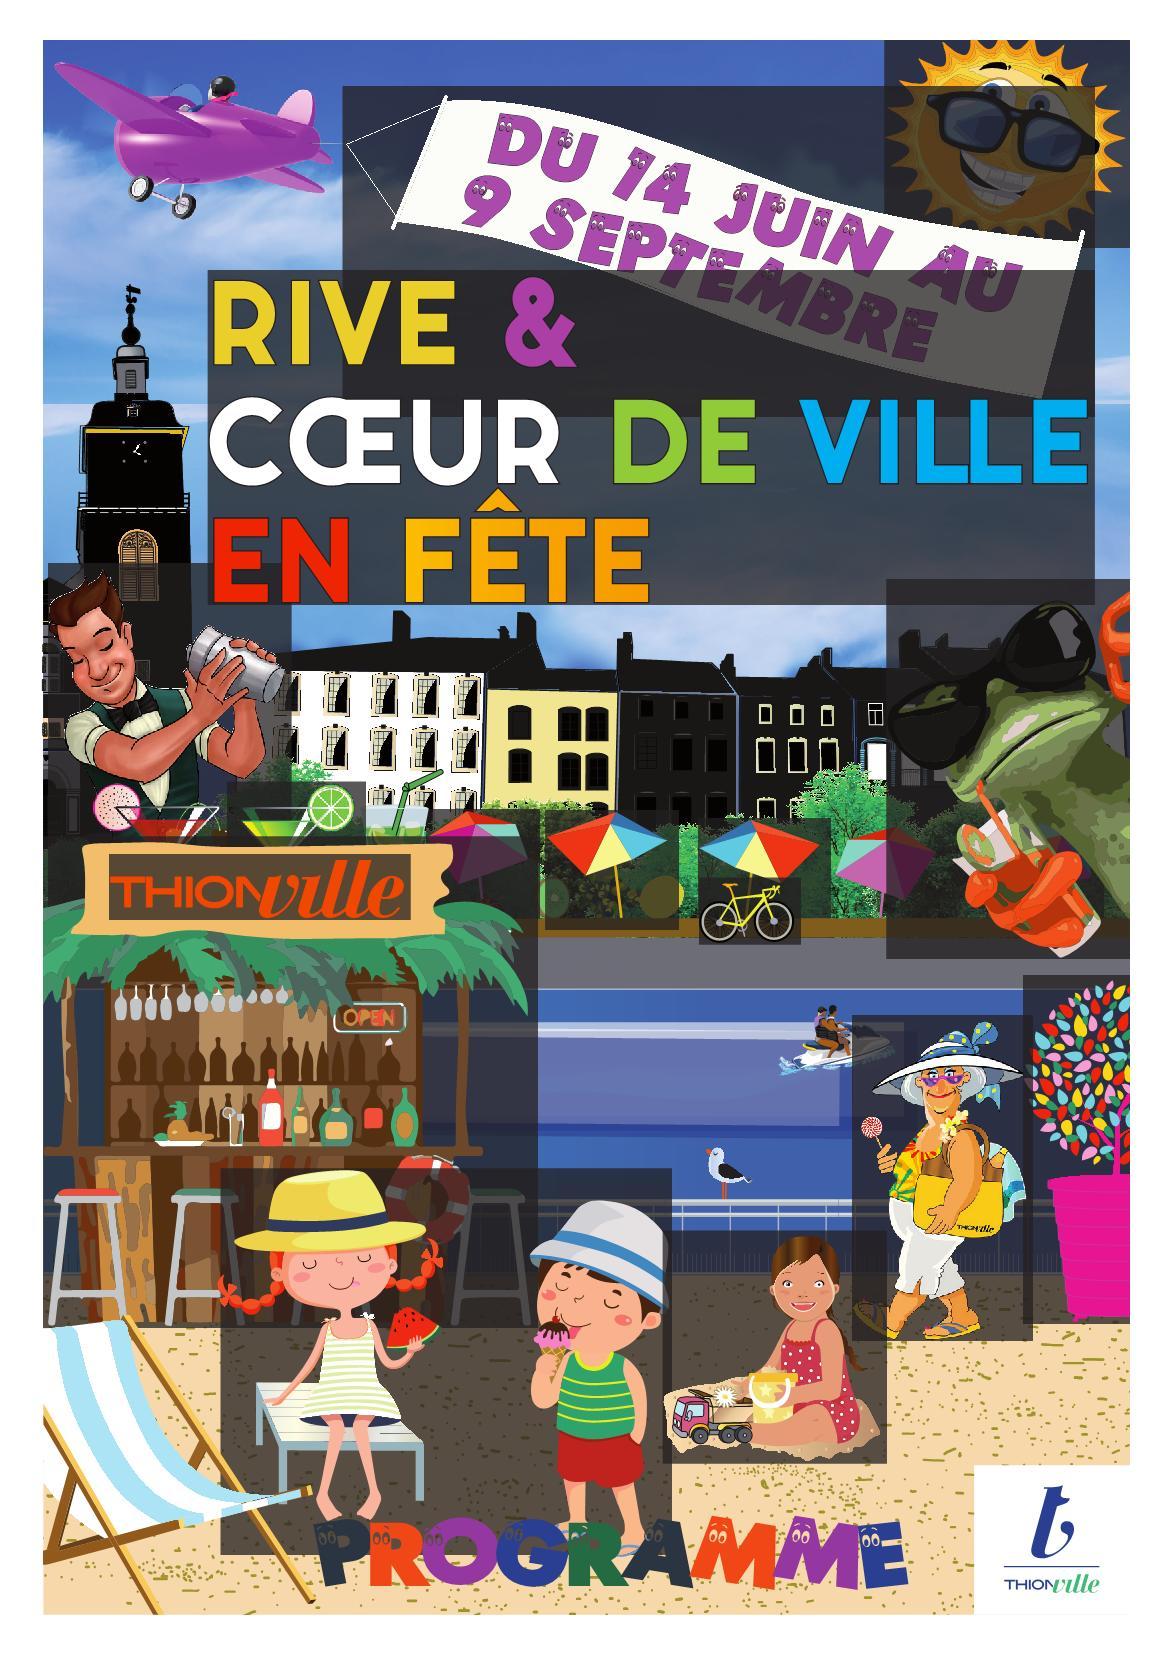 Programme Rive et Coeur de Ville en Fête à Thionville